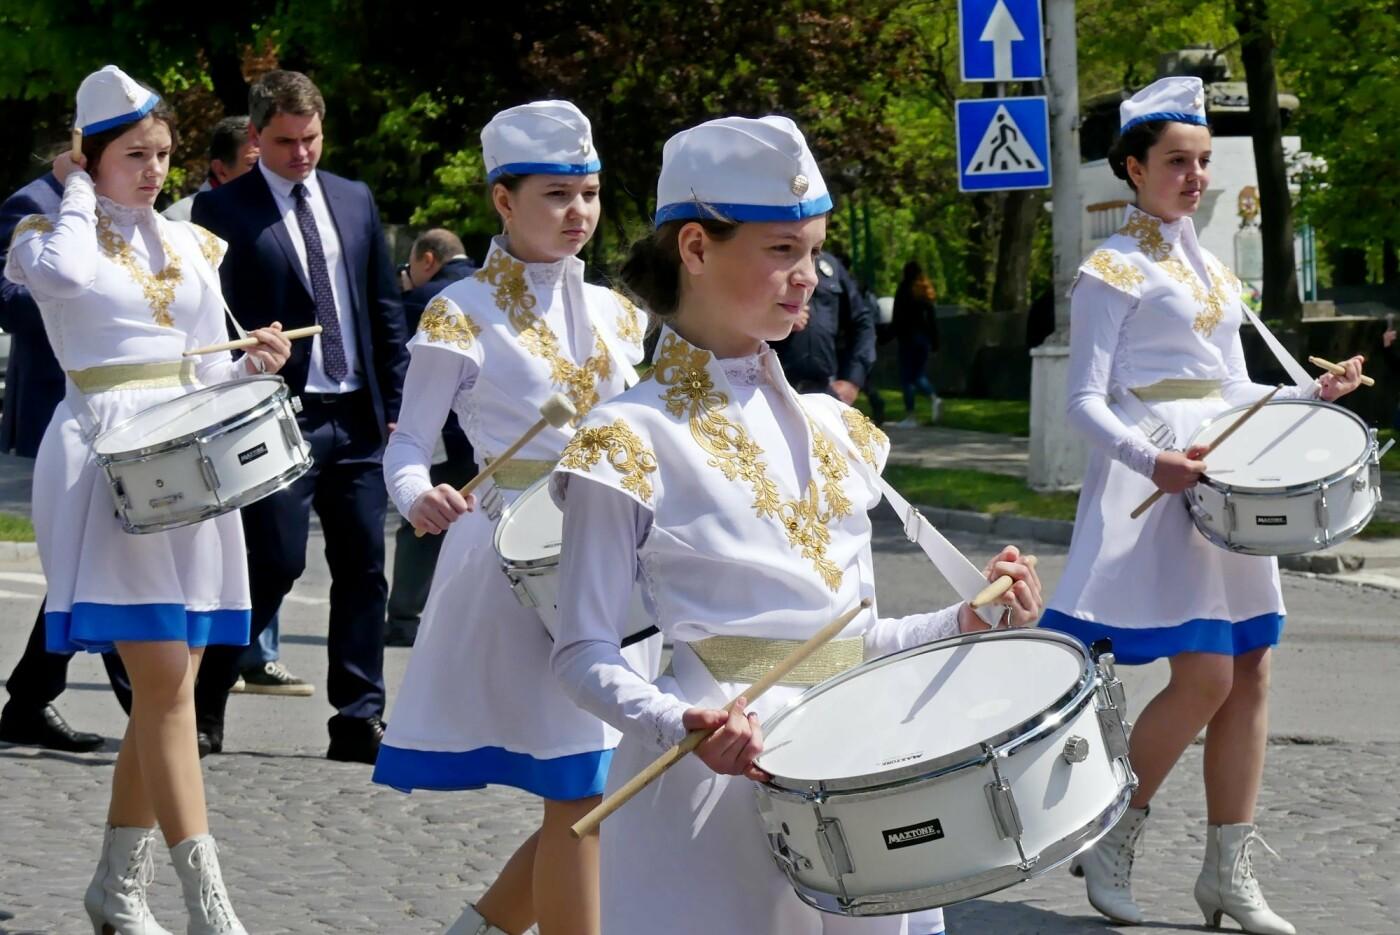 Кам'янець-Подільський святкує День міста, фото-6, Фото: Кам'янець-Подільська міська рада